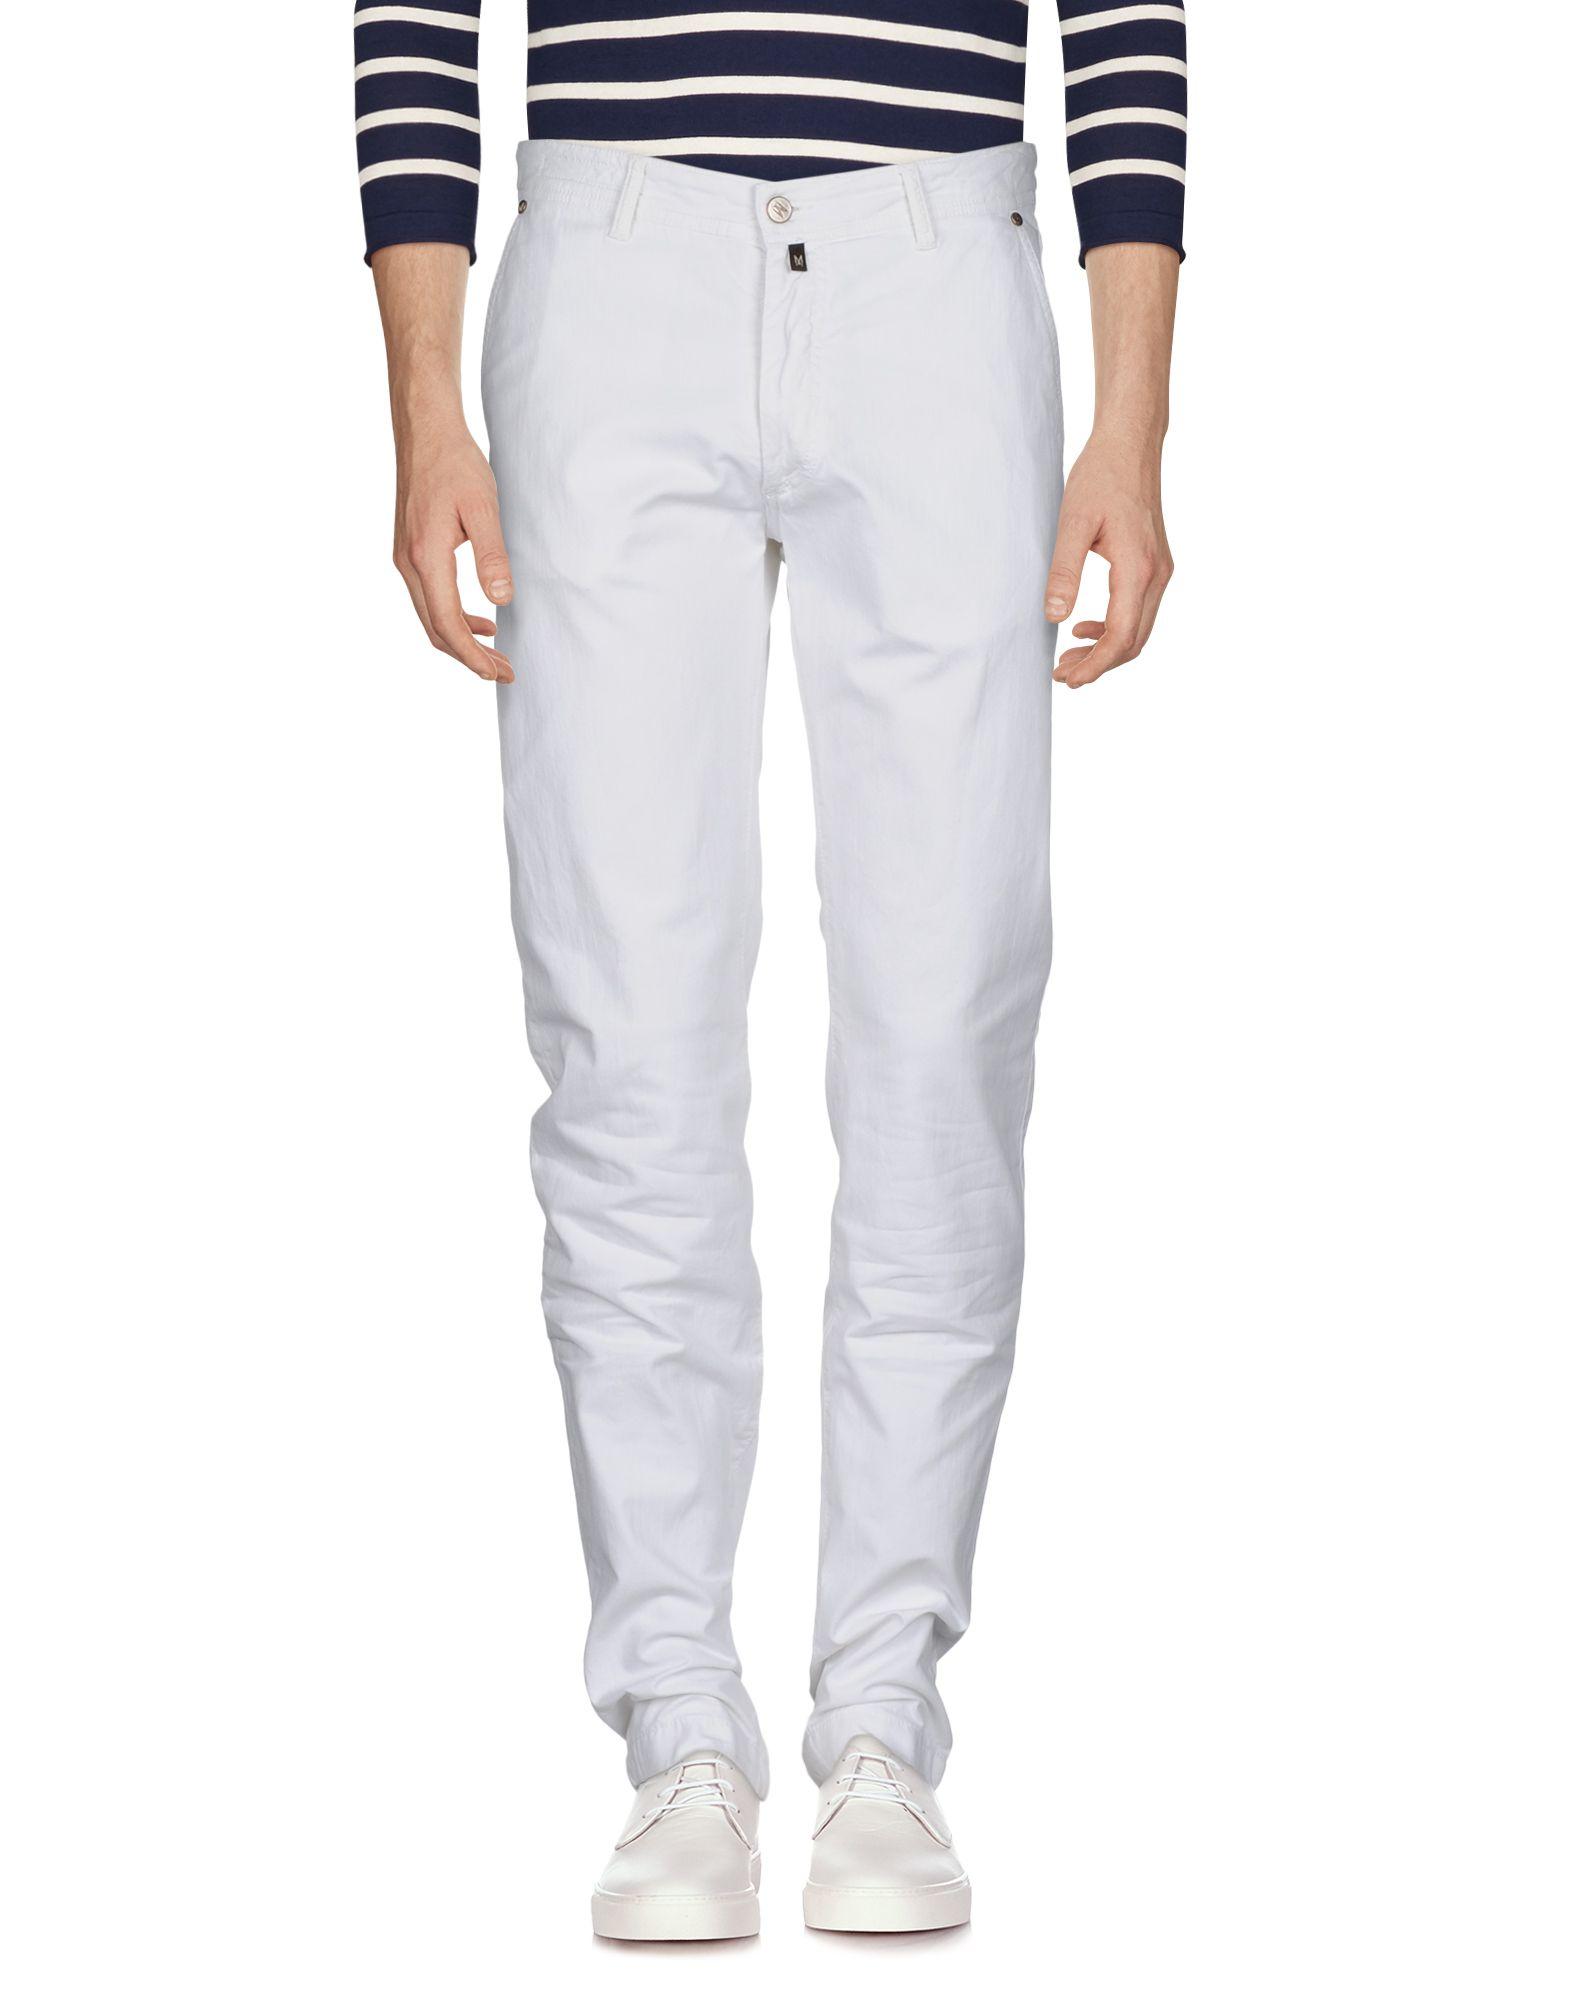 MARCO PESCAROLO Denim Pants in White